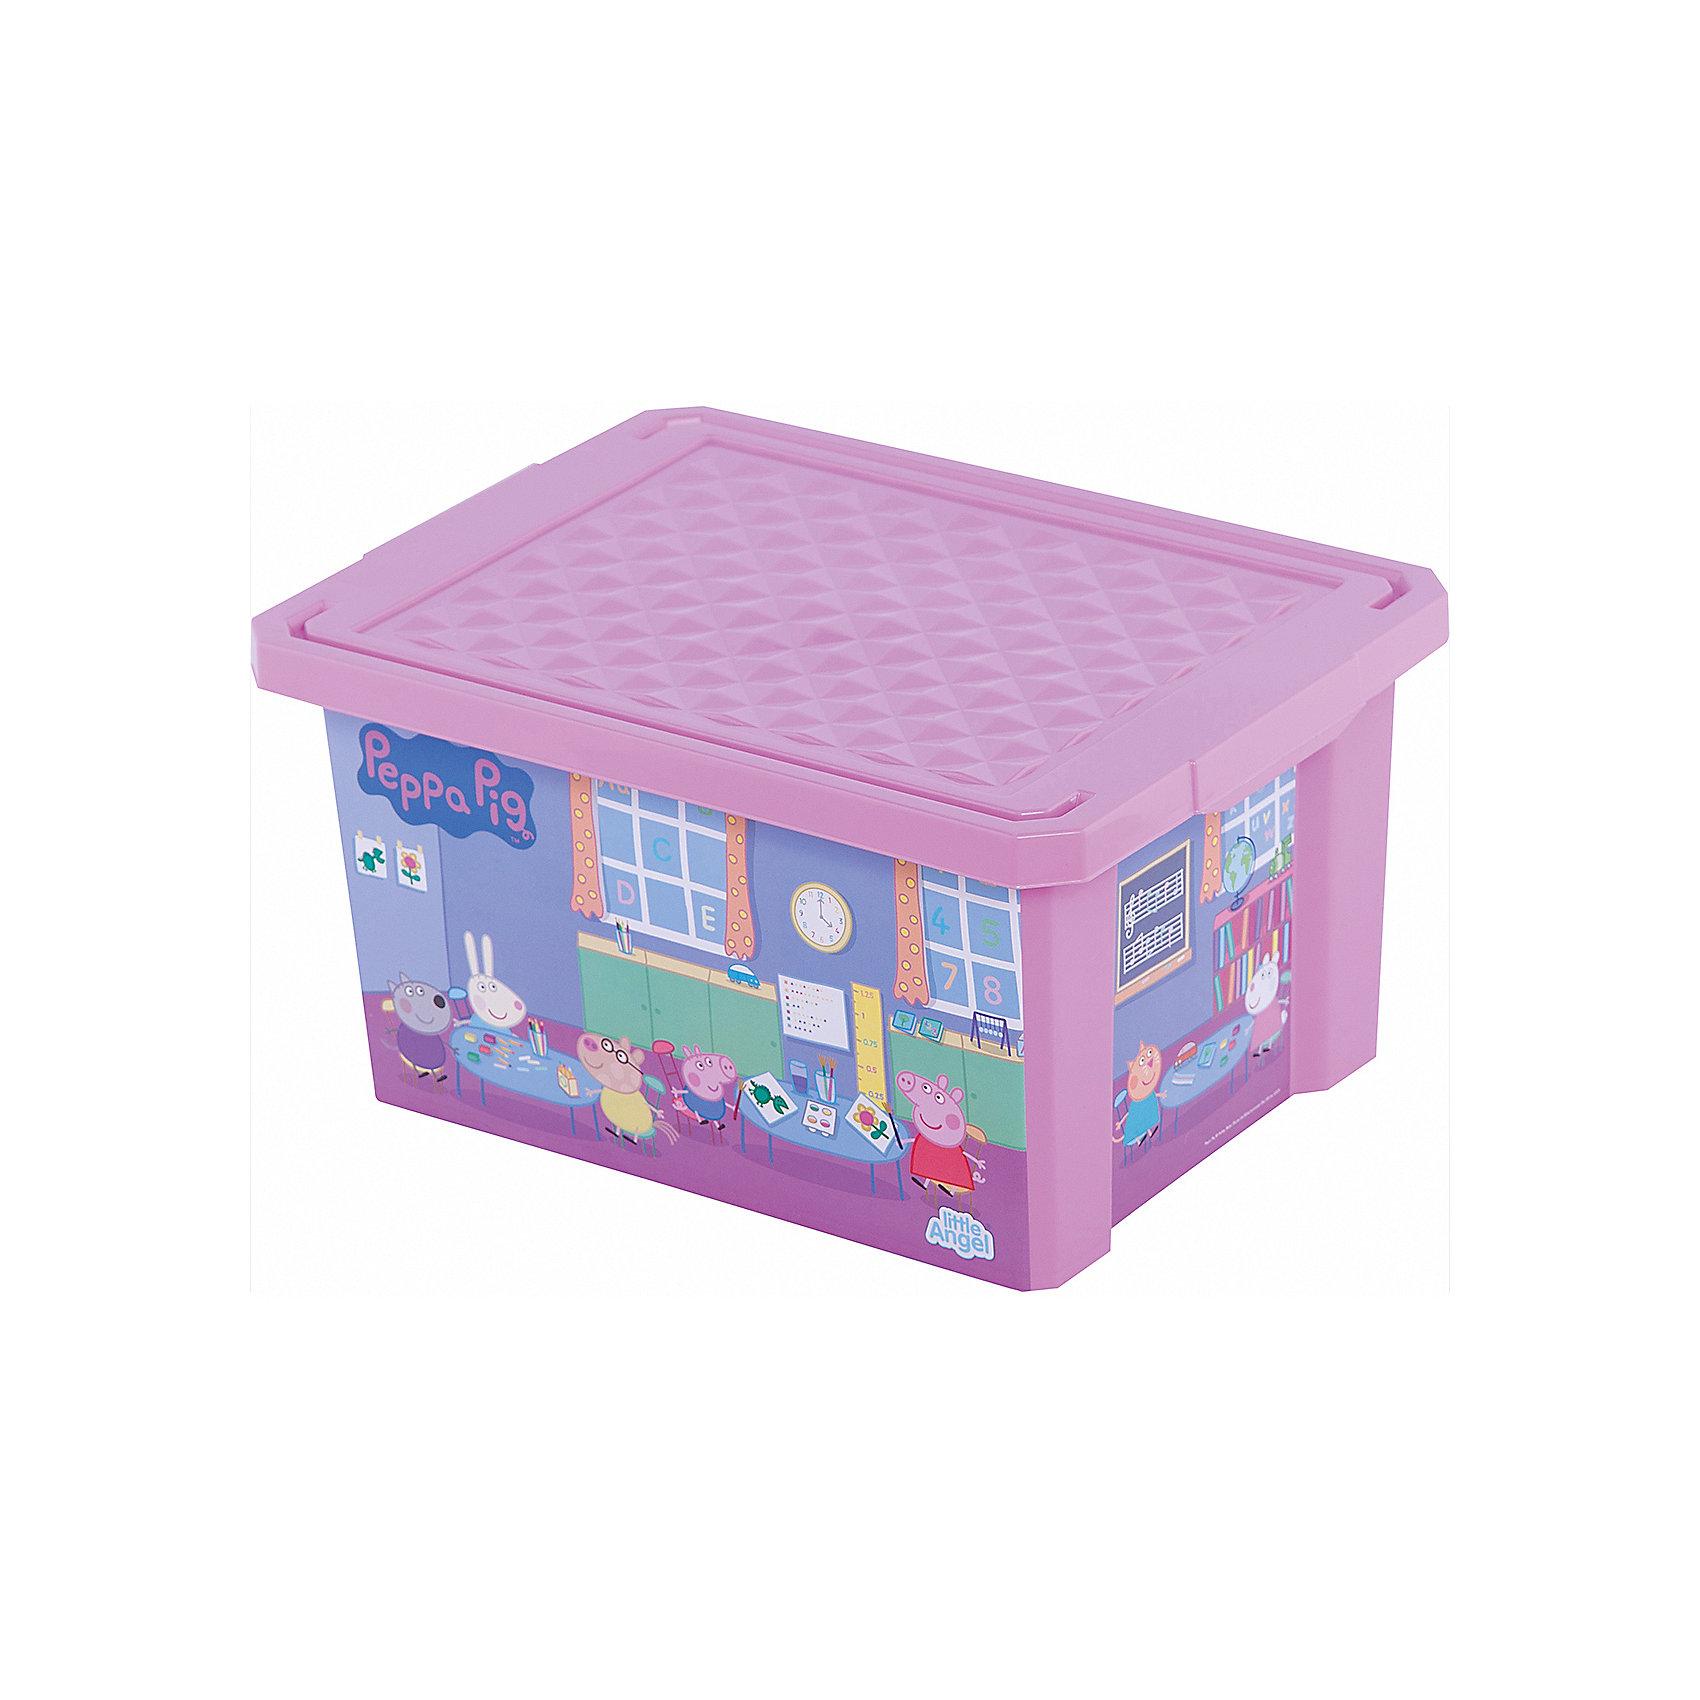 Ящик для хранения игрушек X-BOX Свинка Пеппа 17л, Little Angel, розовыйПорядок в детской<br>Порядок в детской с любимыми героями – легко и весело. Теперь для игрушек, канцелярских принадлежностей и других важных мелочей всегда найдется место. Эксклюзивные декоры с любимыми героями несомненно станут украшением каждой детской. Преимущества: эксклюзивные декоры с любимыми героями; надежные крышки с привлекательной текстурой; возможность штабелирования ящиков друг на друга.<br><br>Ширина мм: 405<br>Глубина мм: 305<br>Высота мм: 210<br>Вес г: 700<br>Возраст от месяцев: 24<br>Возраст до месяцев: 72<br>Пол: Женский<br>Возраст: Детский<br>SKU: 4976089